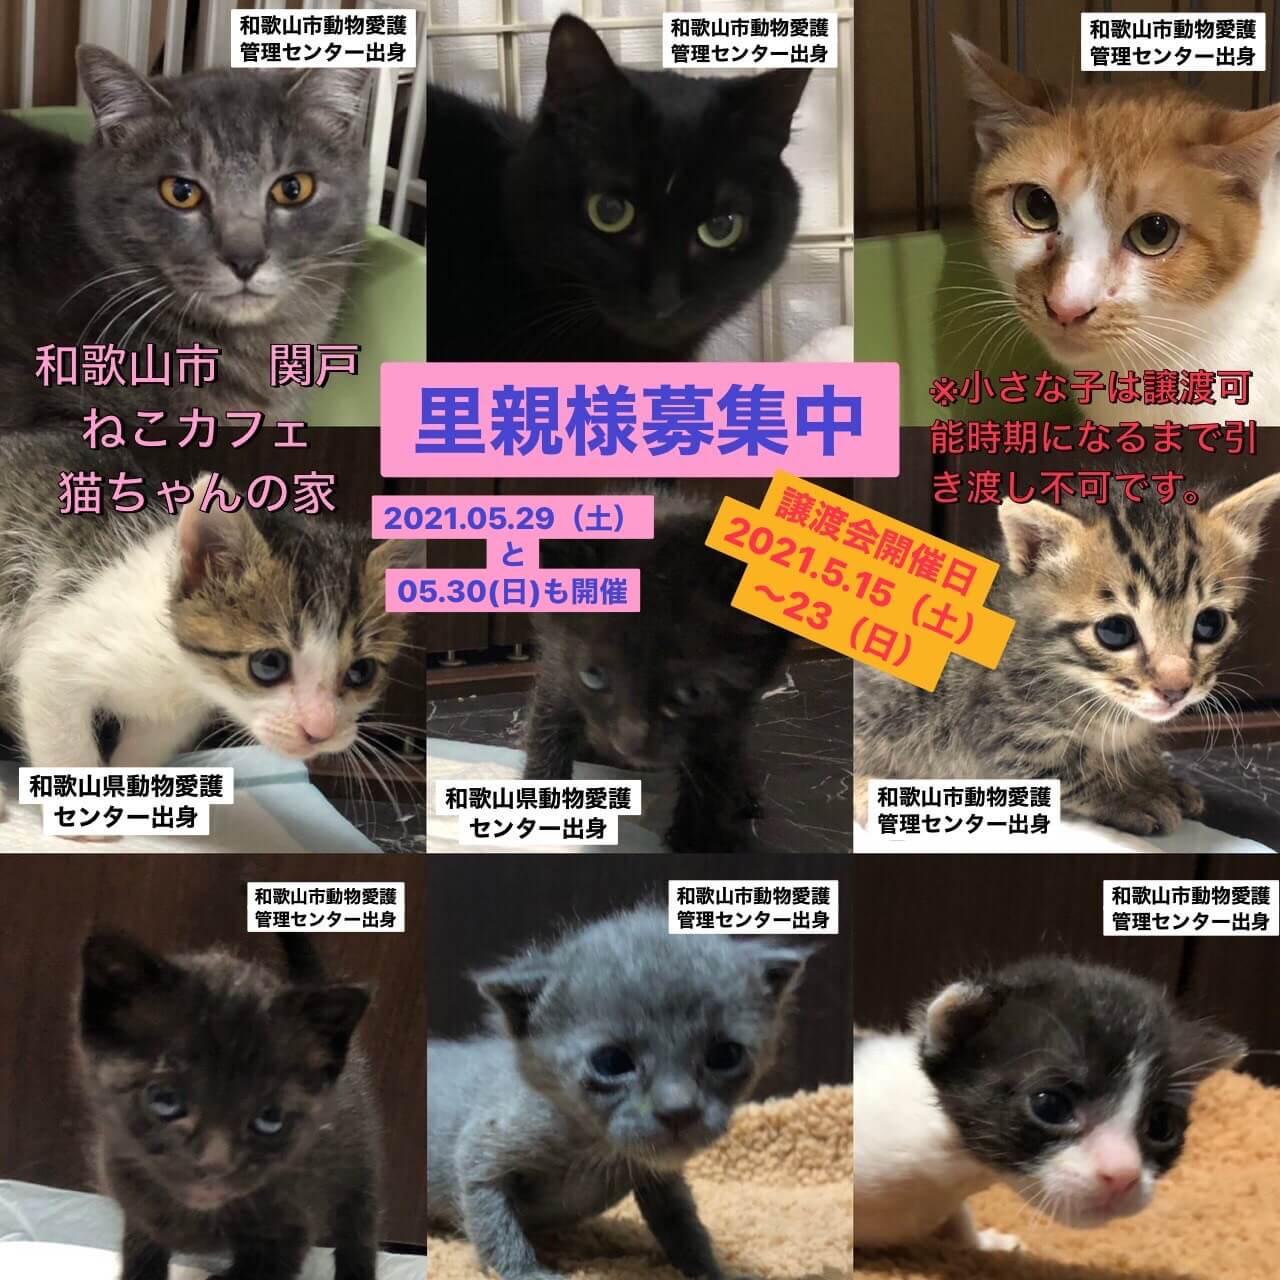 愛護センター出身の猫ちゃん達に会いに来て下さい!